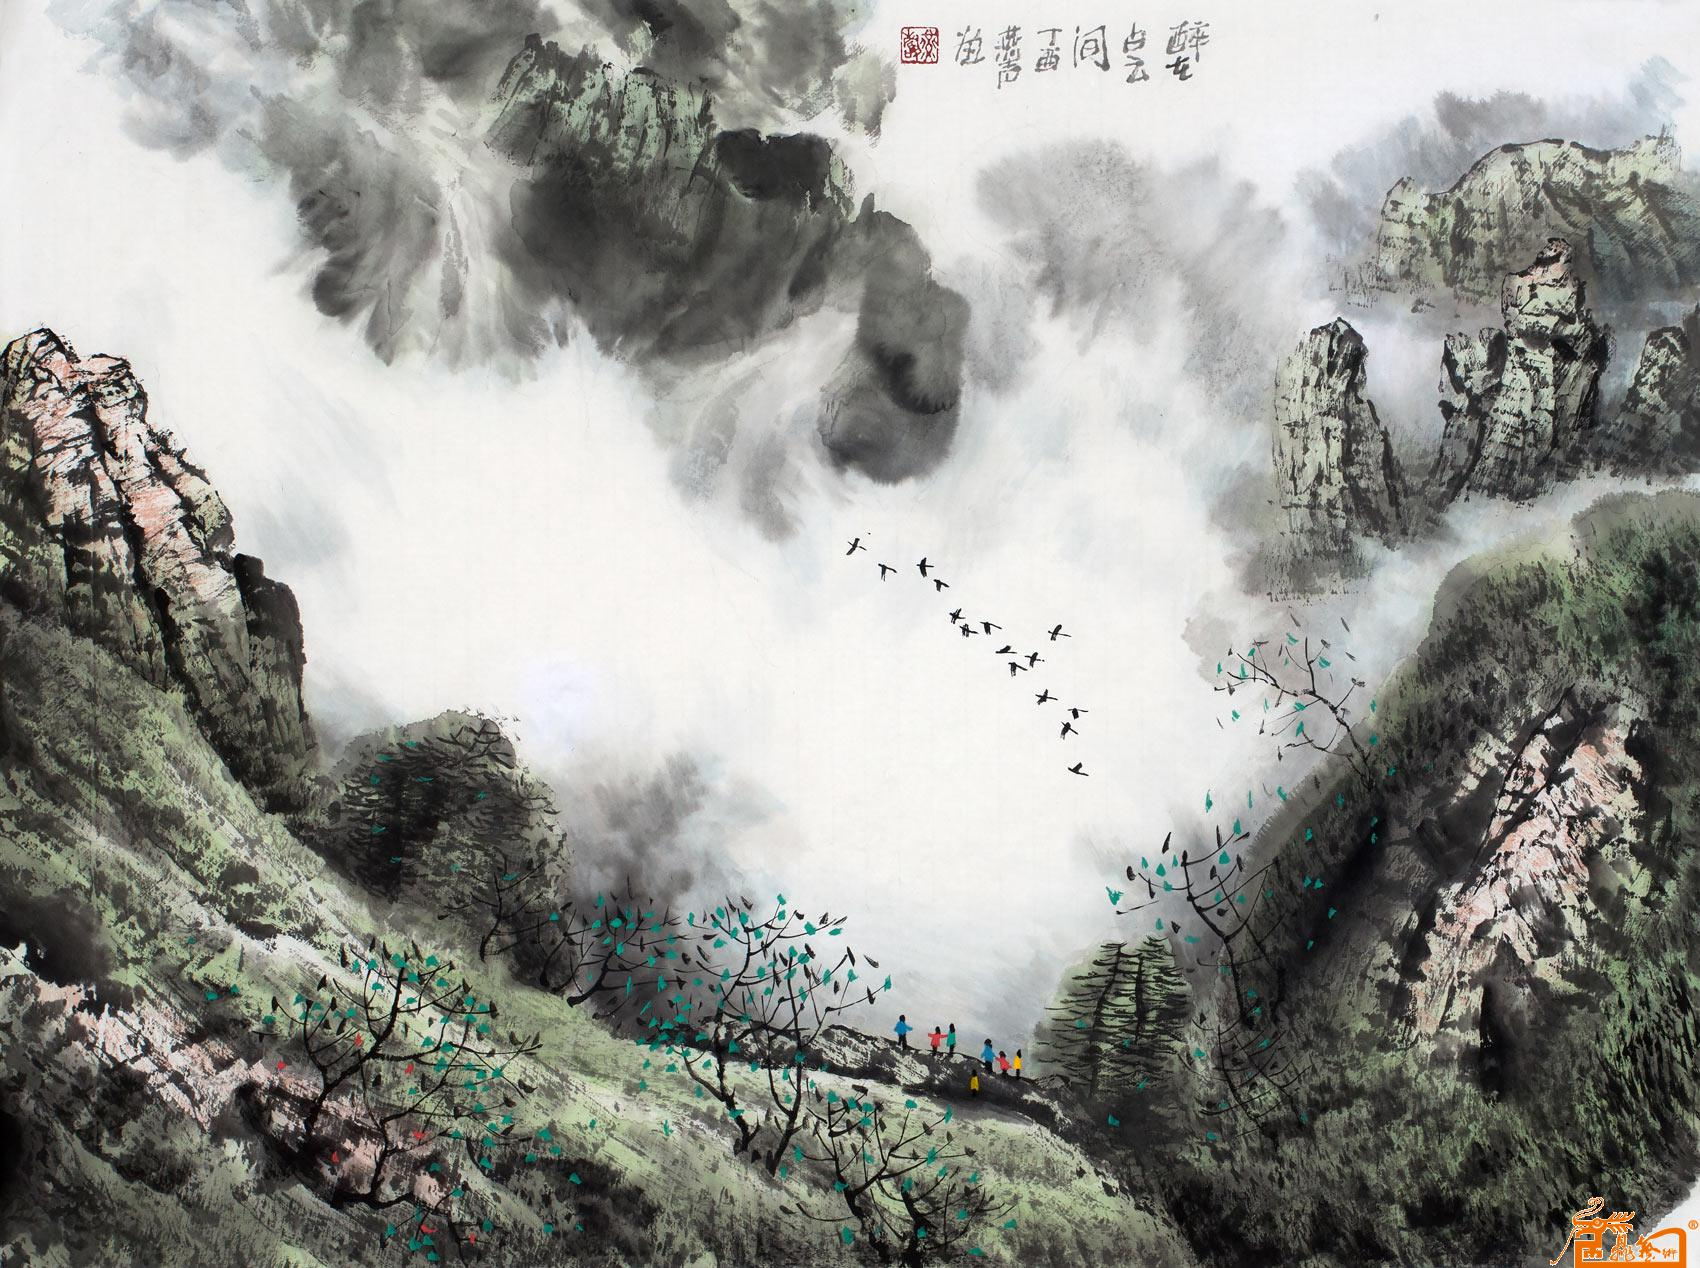 名家山水画作品-醉在白云间-画家刘燕声现代水墨写意作品-收藏升值